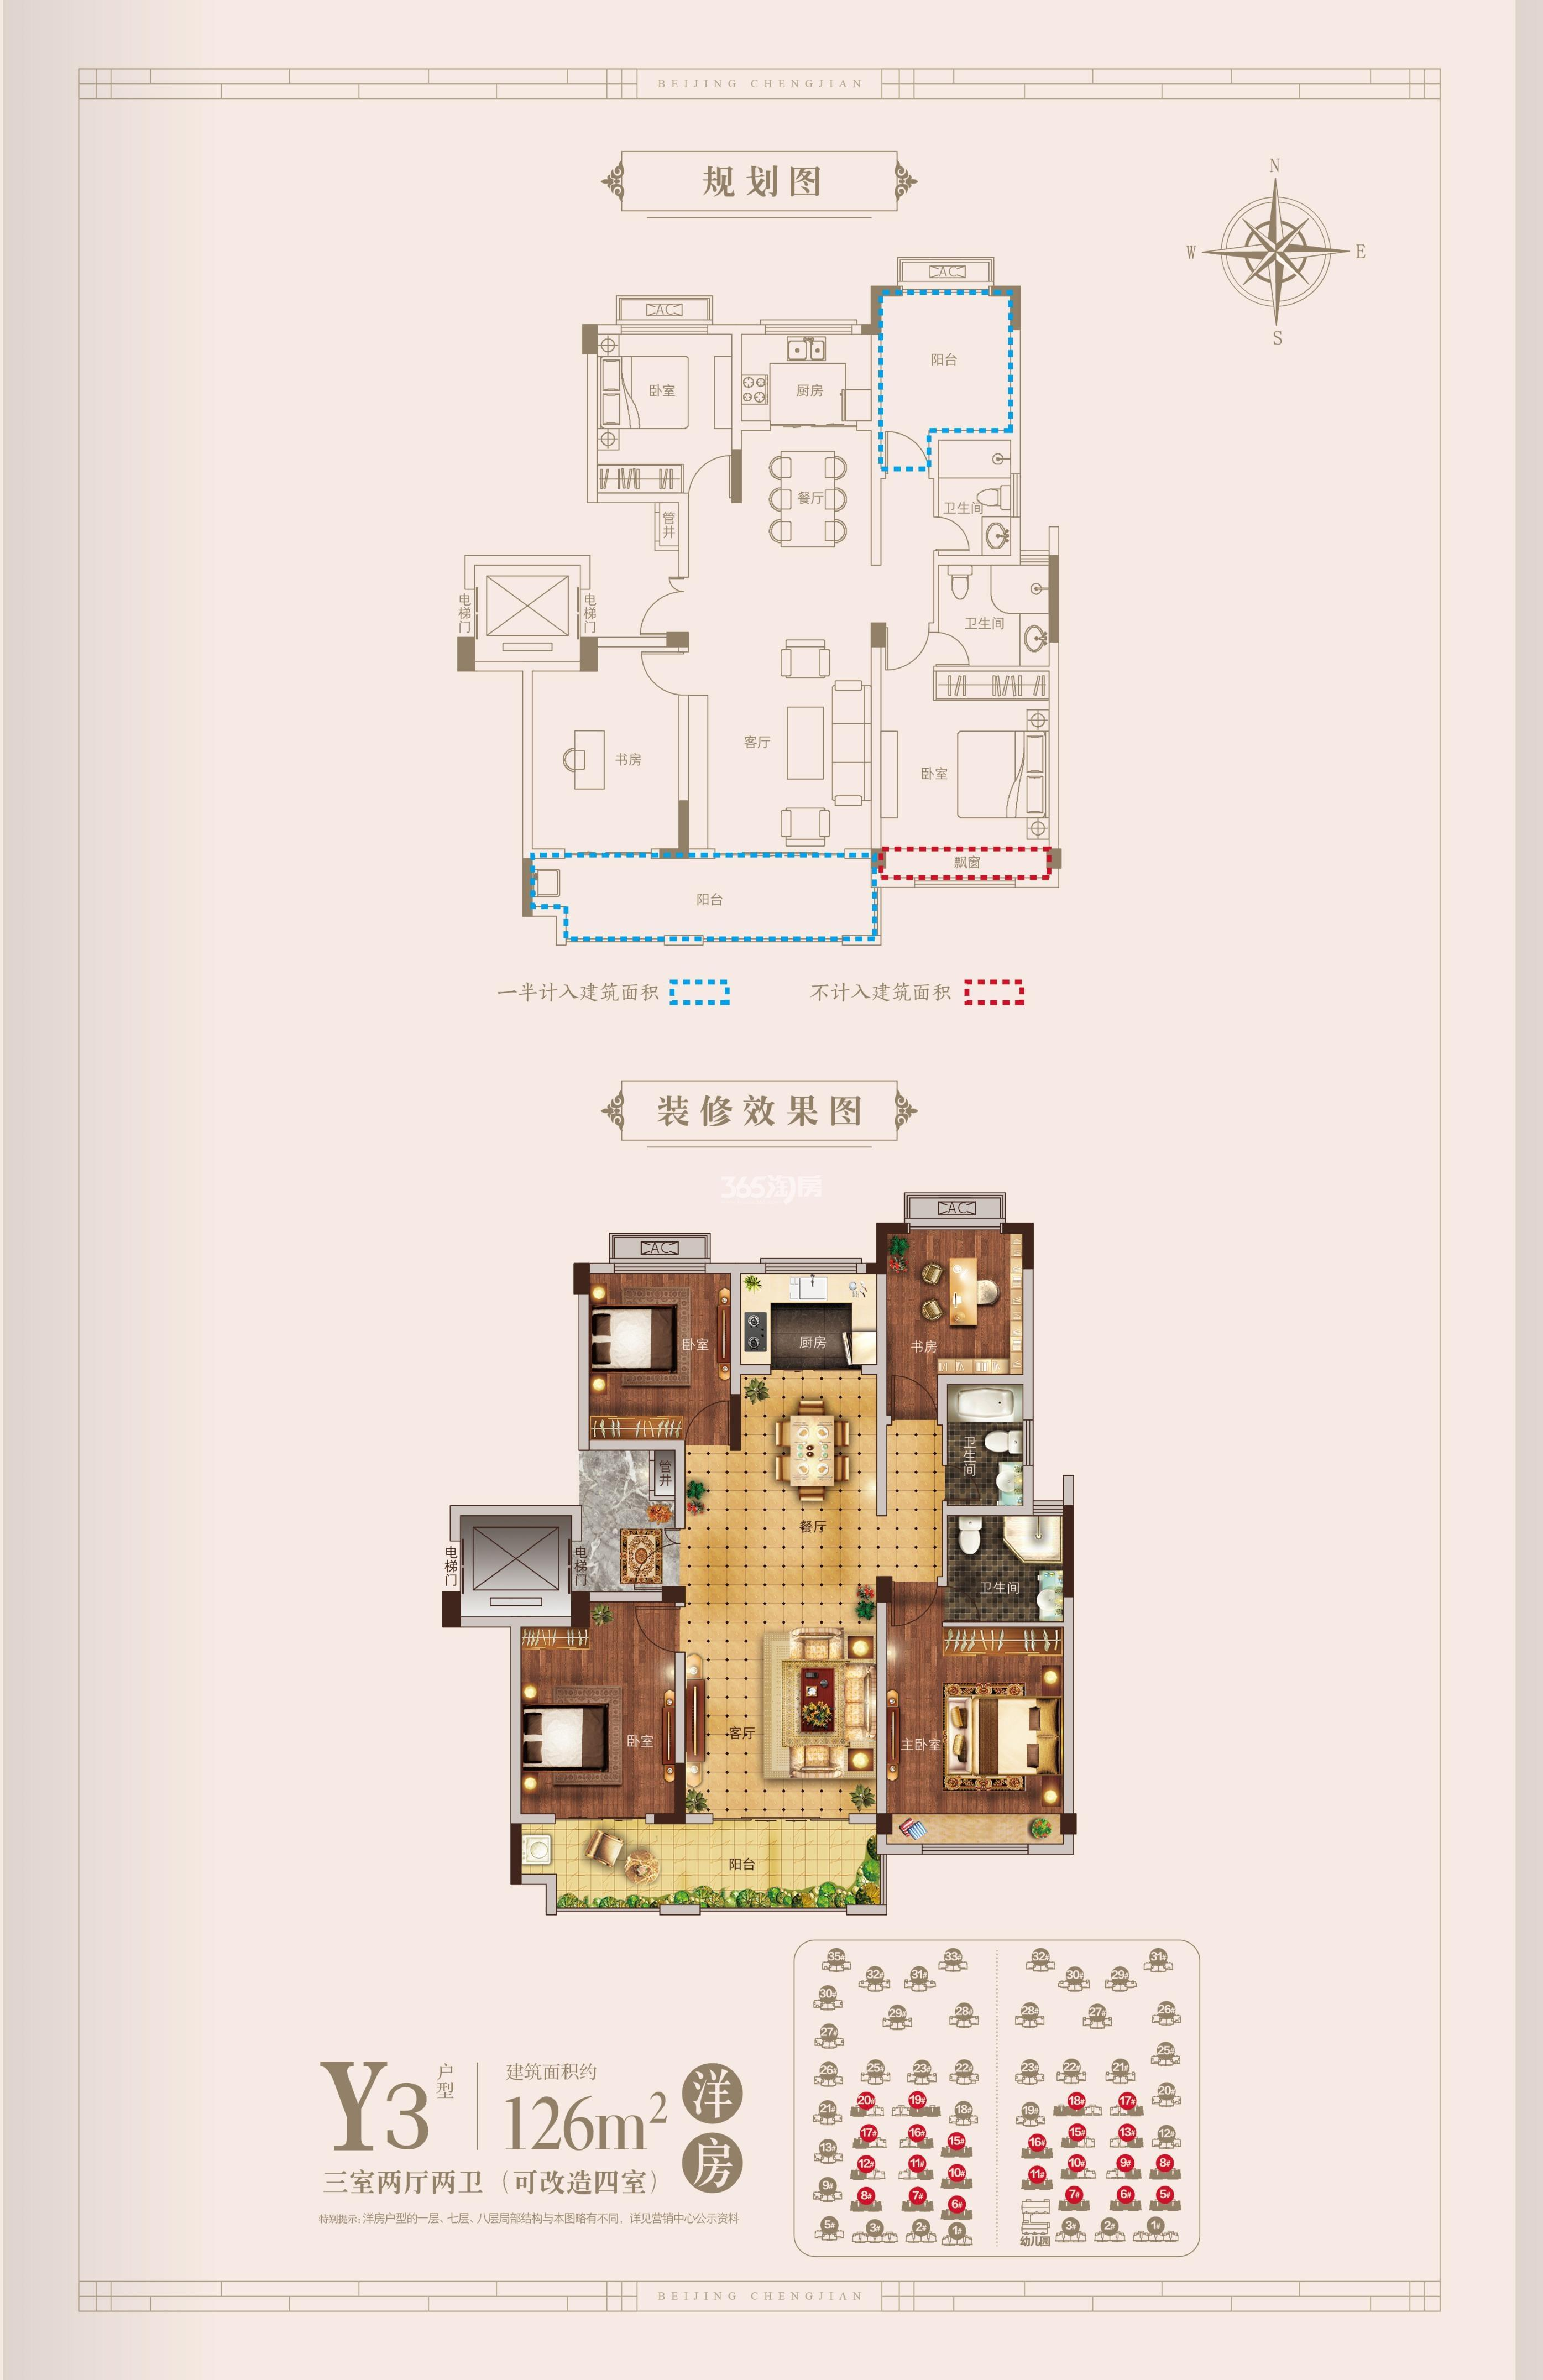 北京城建·珑樾华府126㎡户型图